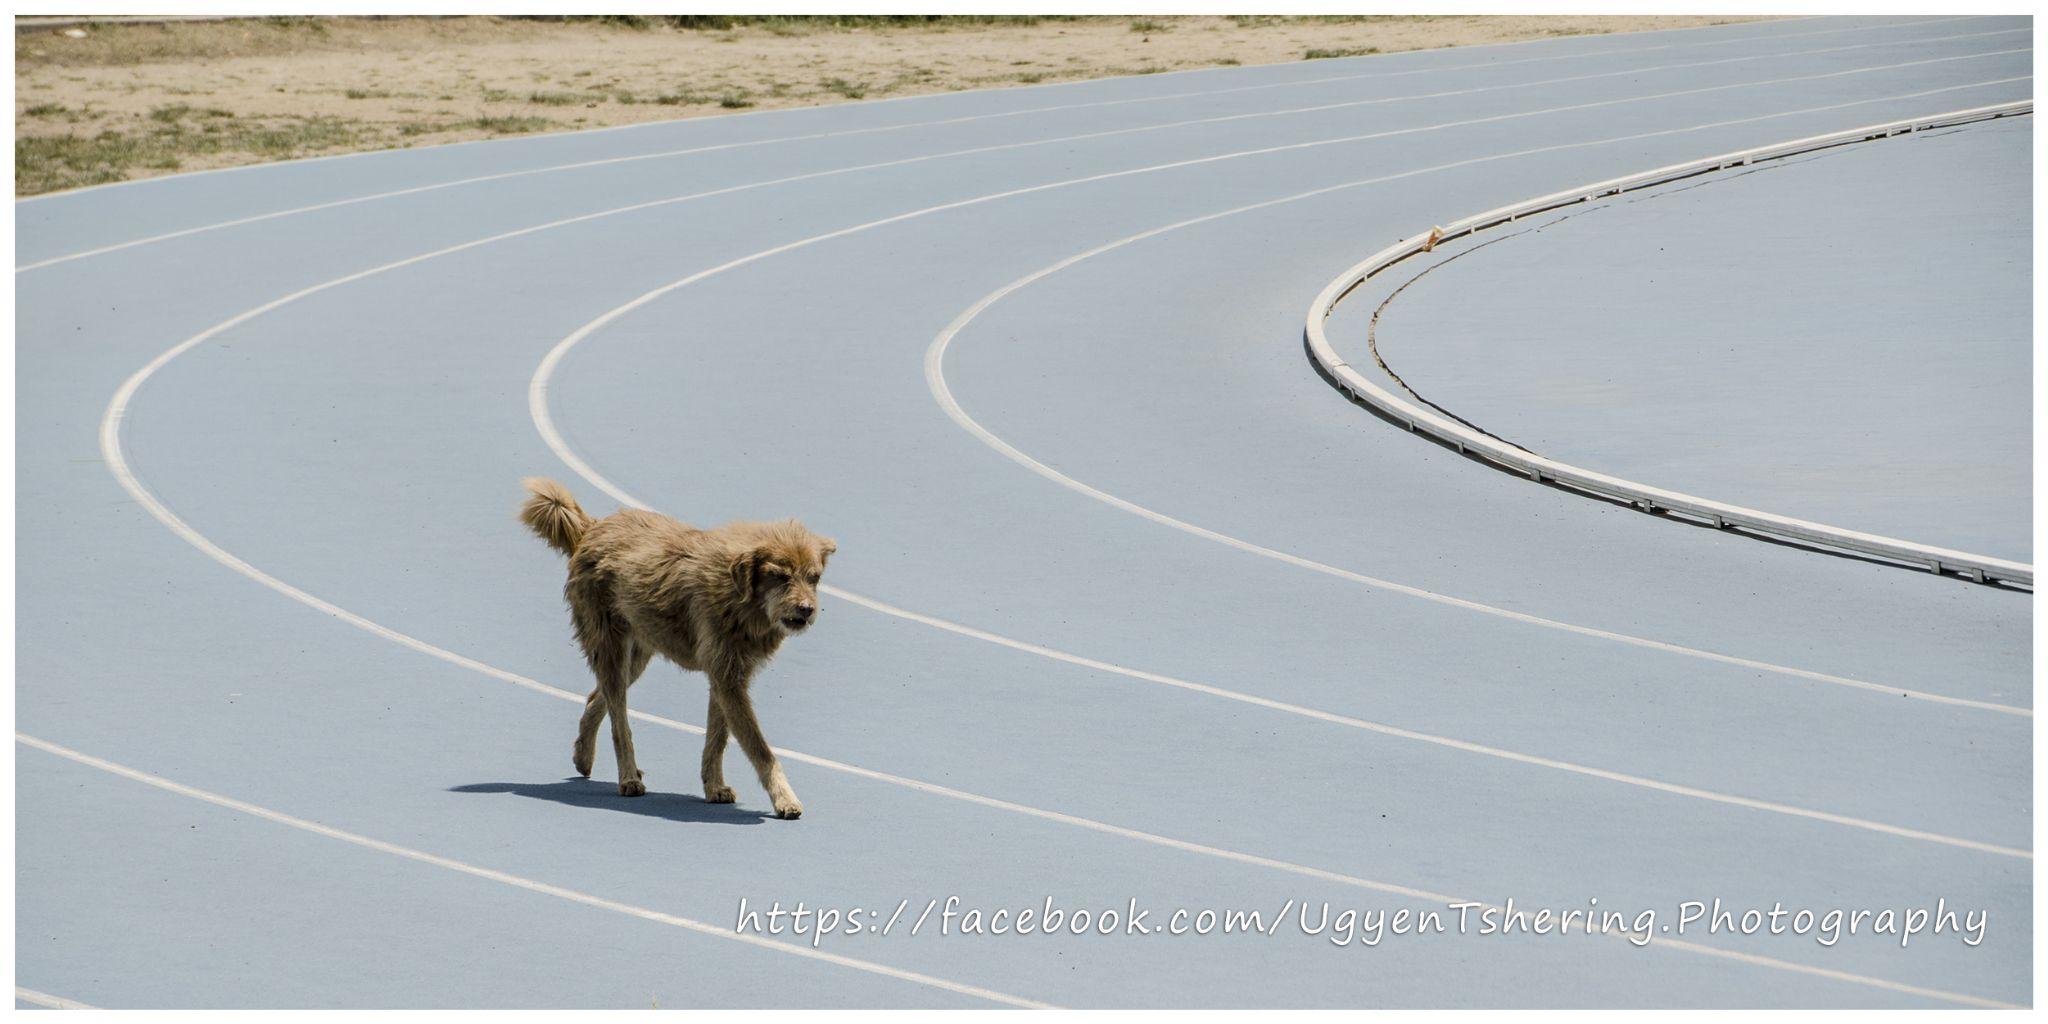 Dog on track by Ugyen Tshering